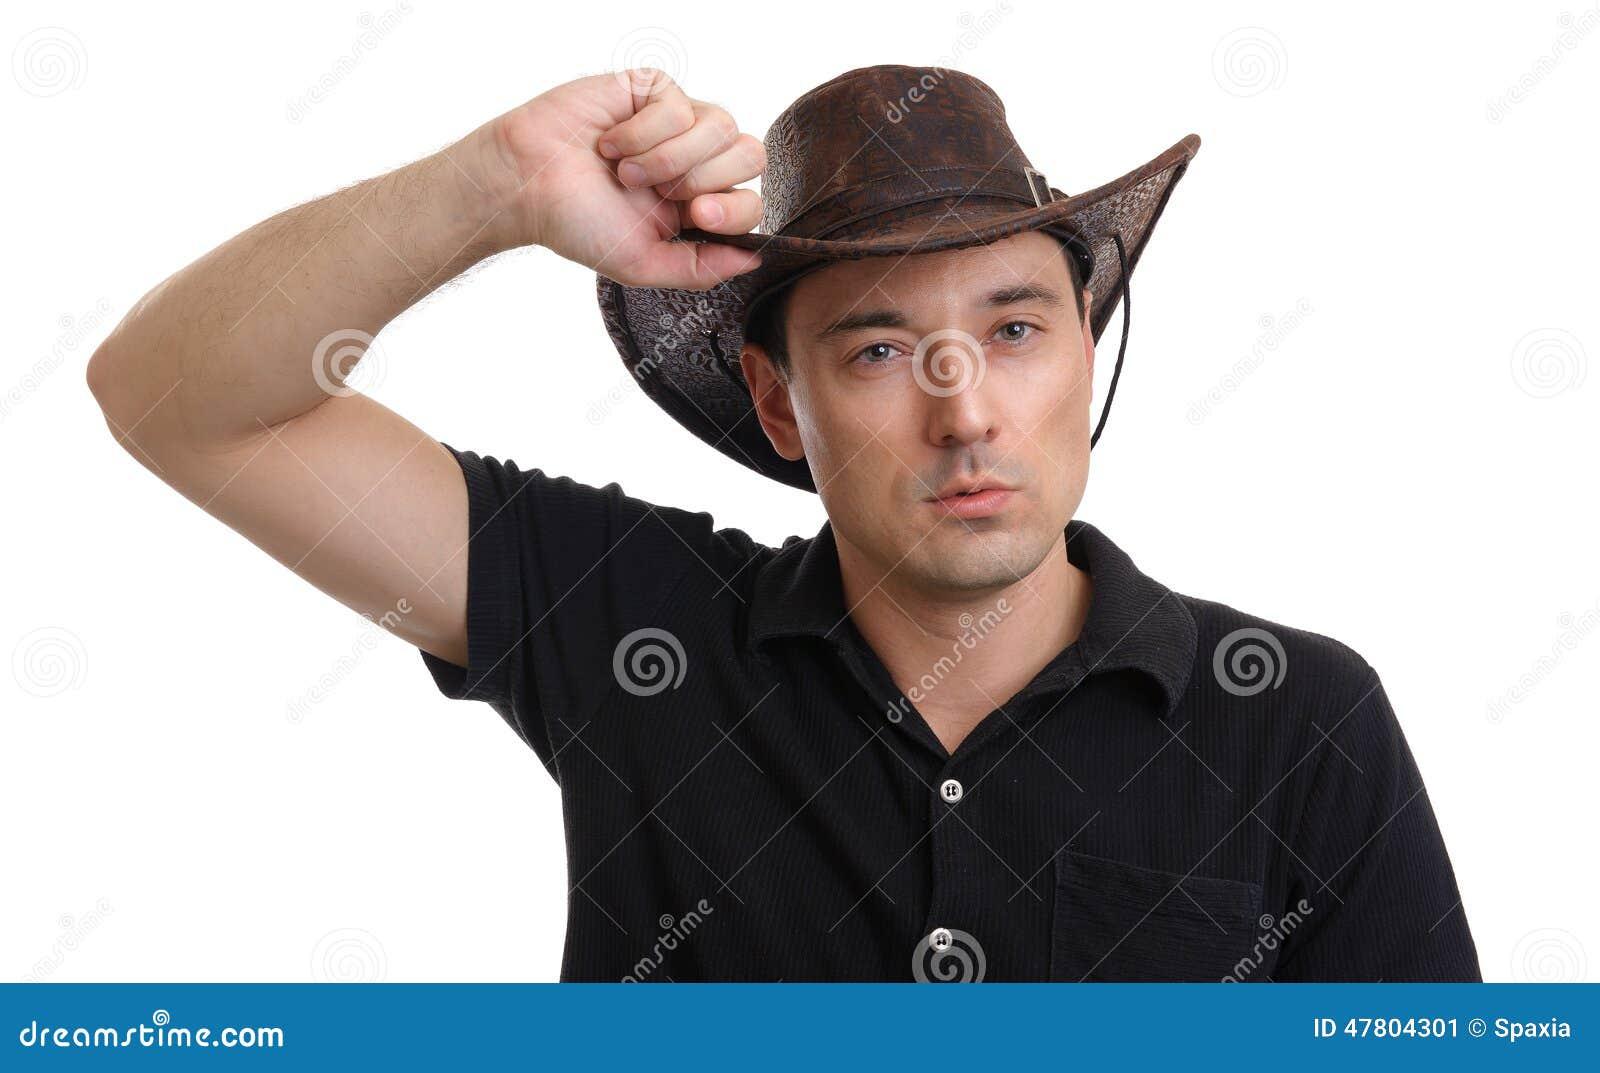 Cowboy Stock Photo Image 47804301